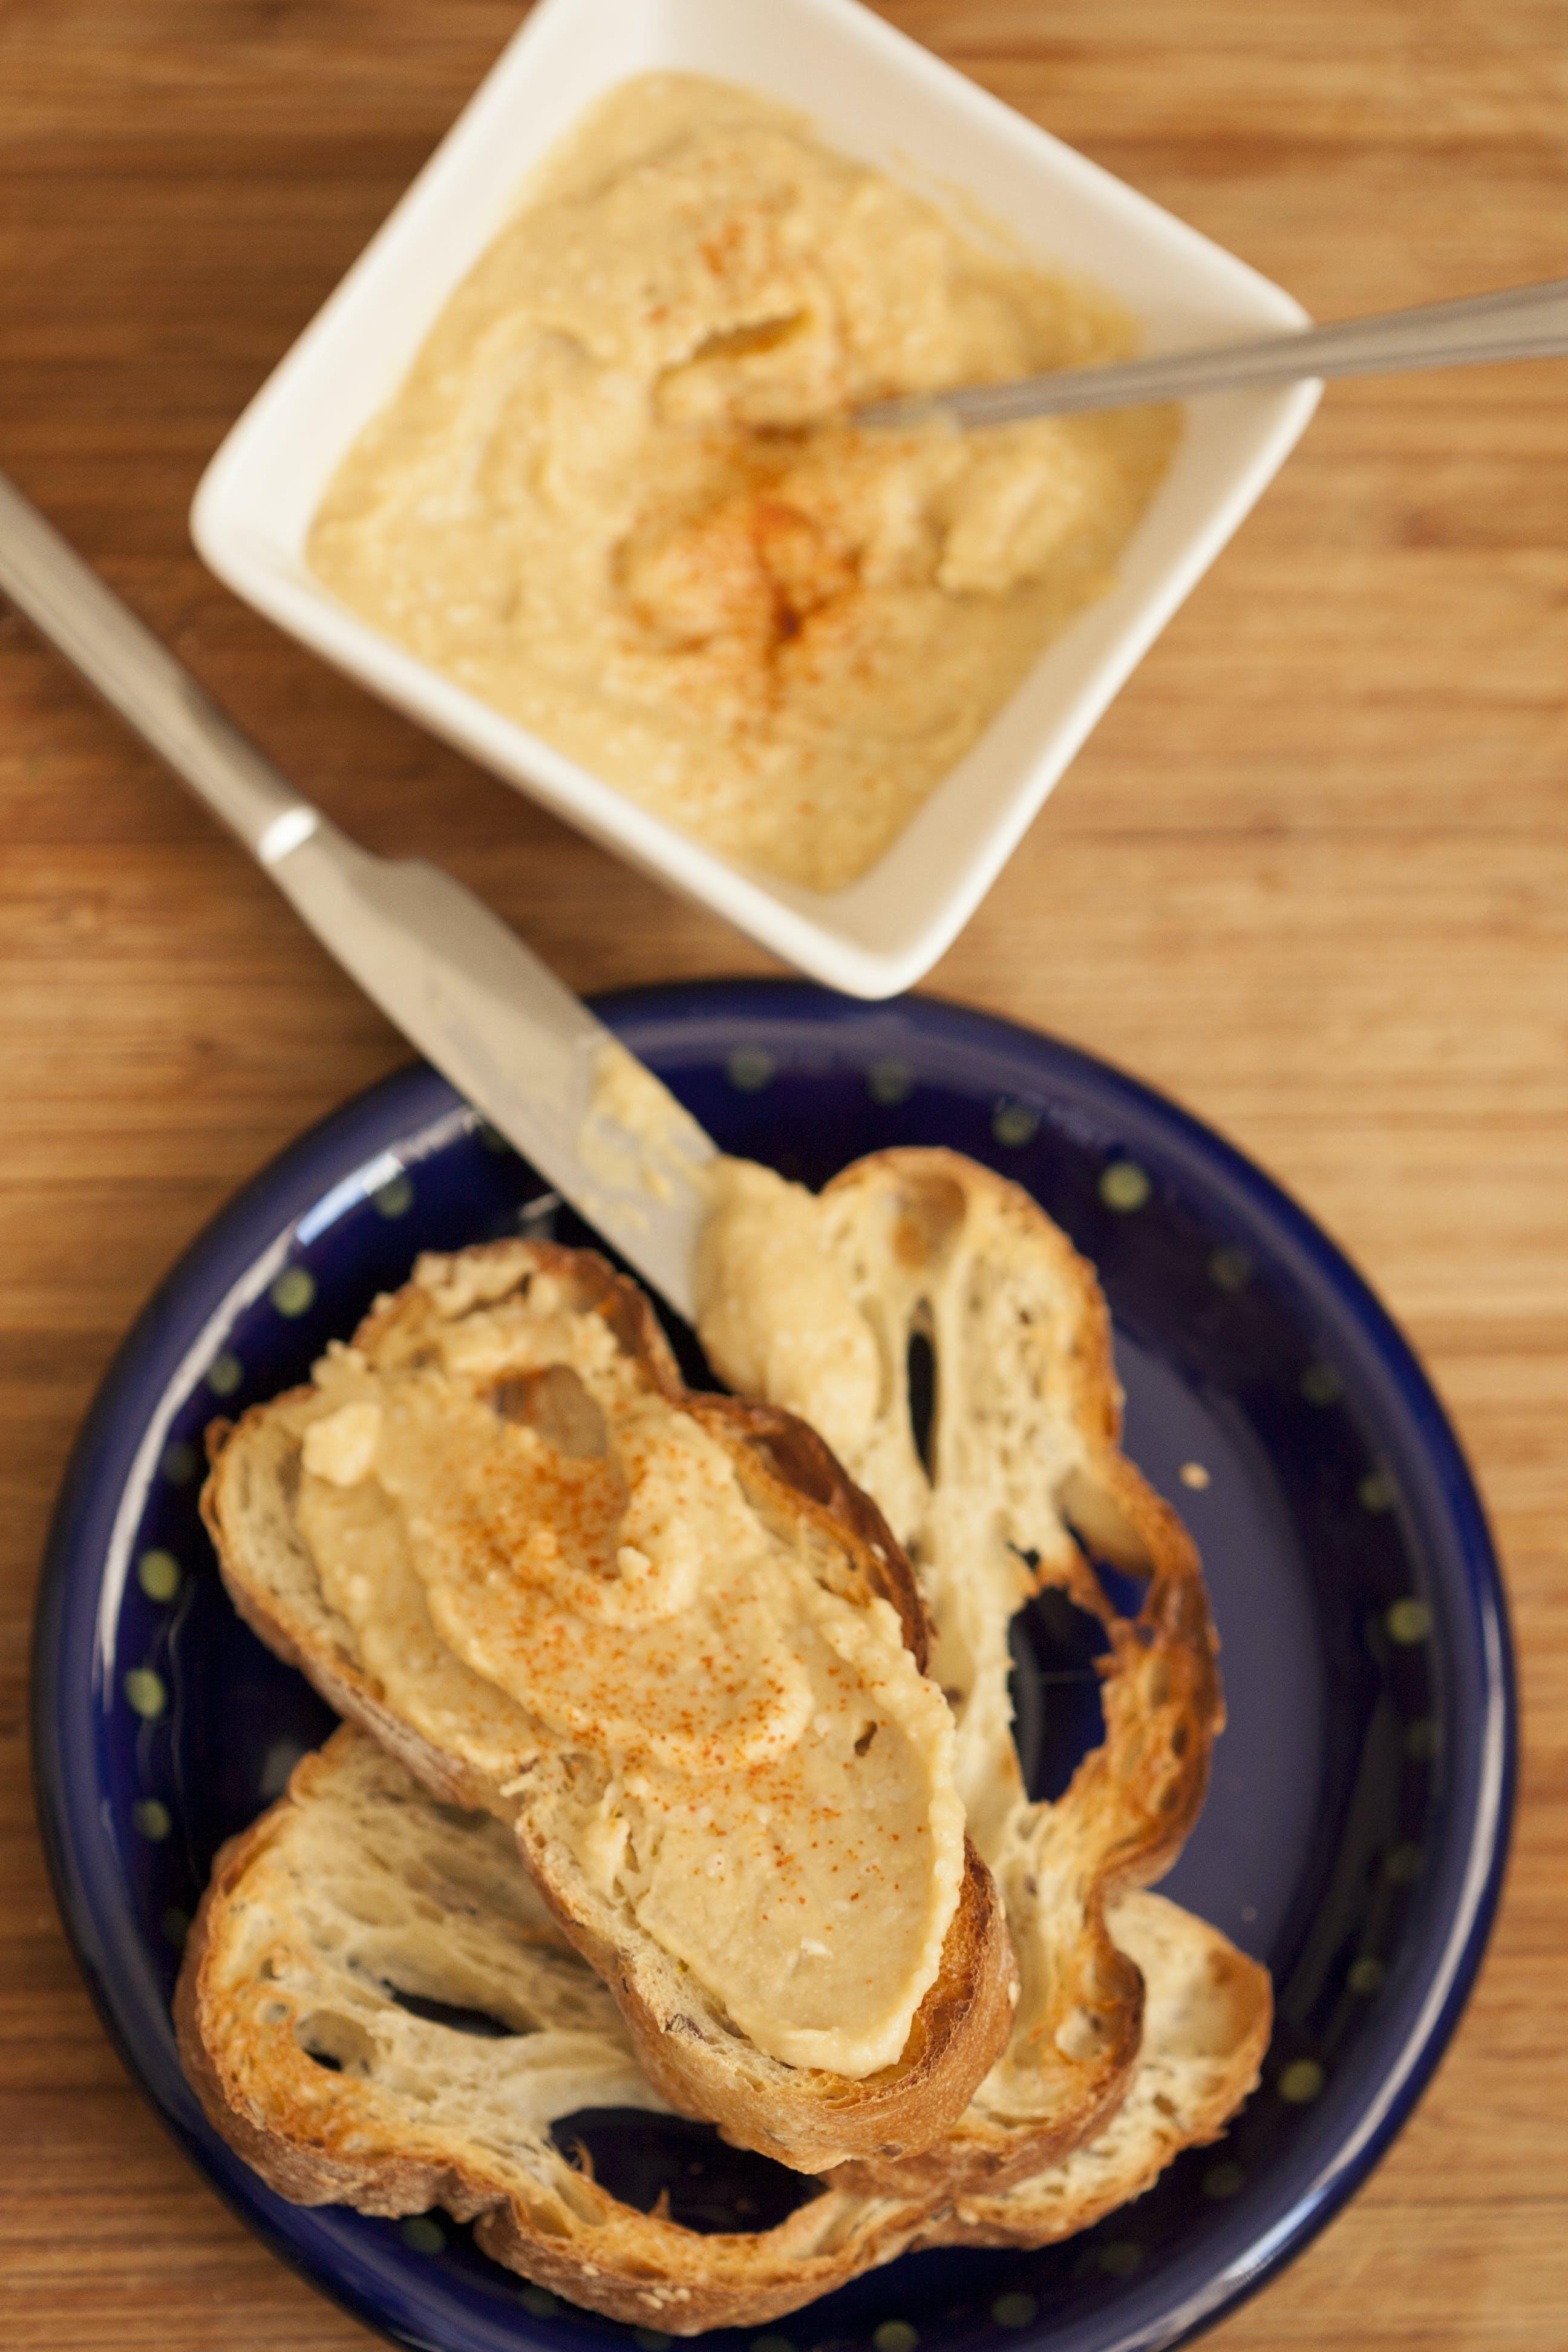 คลังภาพถ่ายฟรี ของ ขนมปัง, ขนมปังปิ้ง, ขนมปิ้ง, ขัน